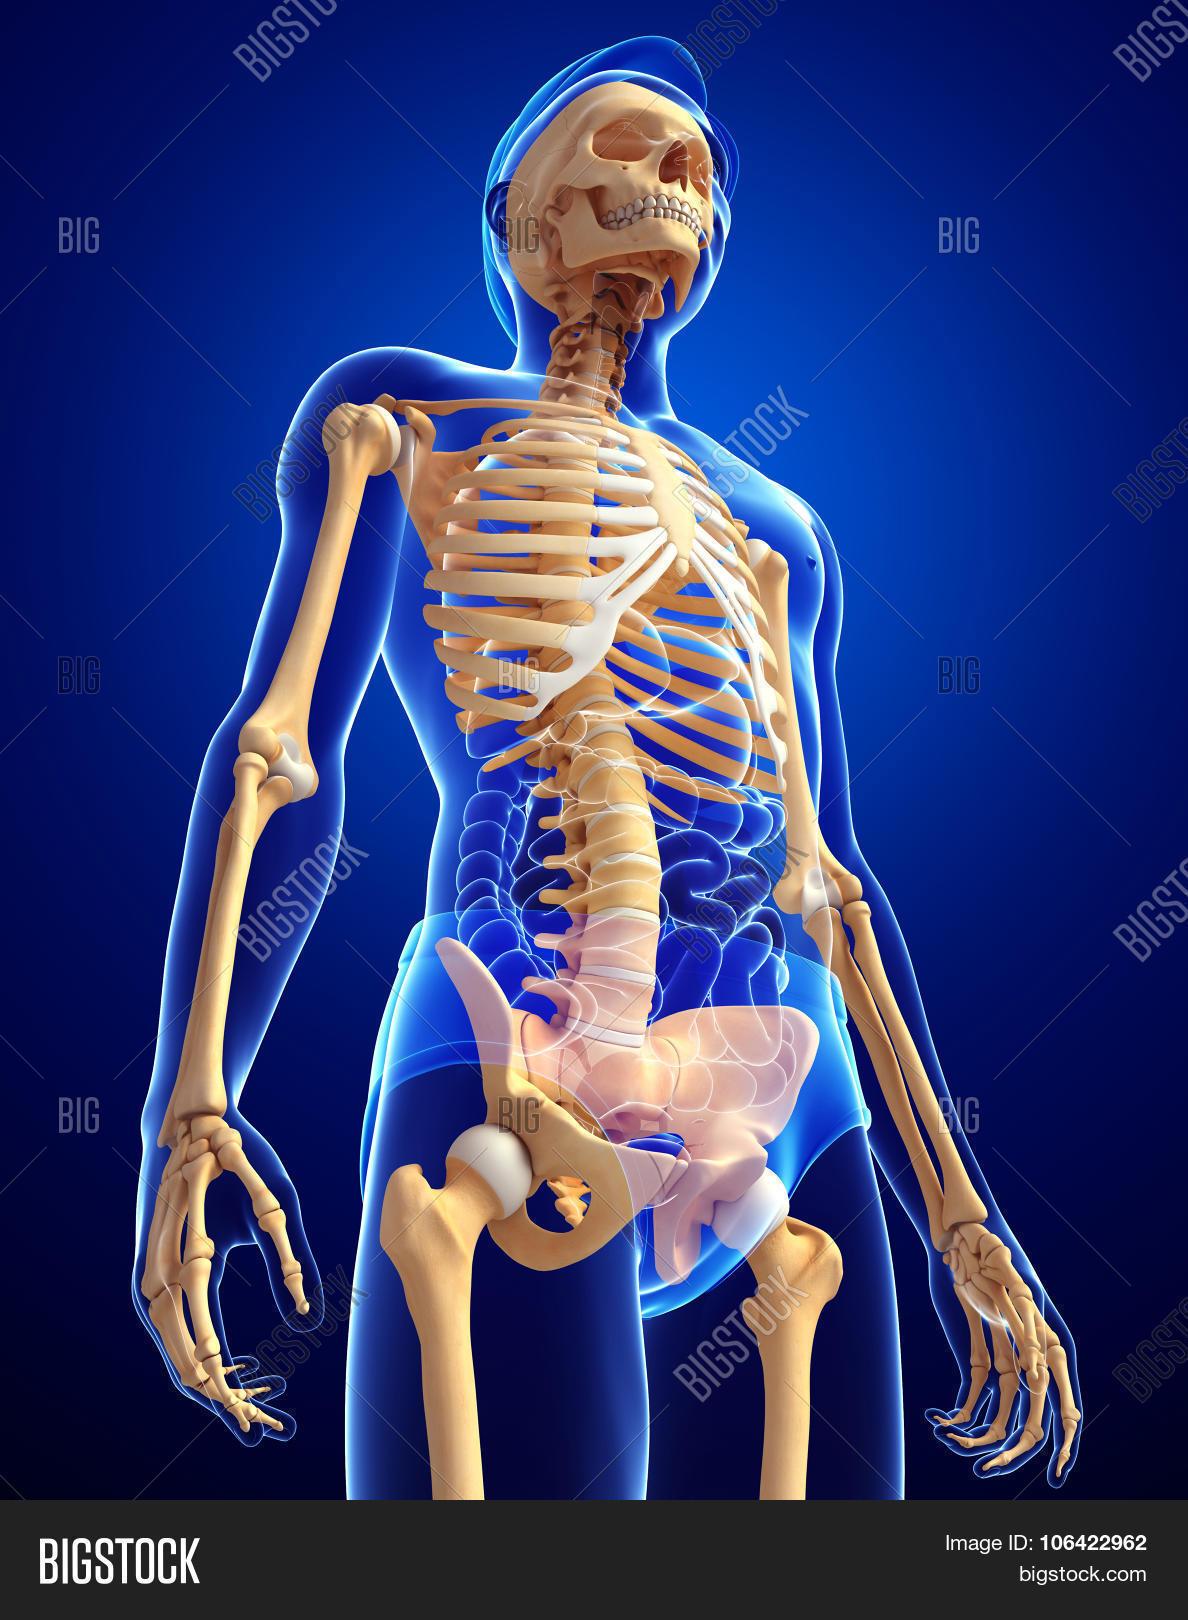 Human Skeleton Side Image Photo Free Trial Bigstock